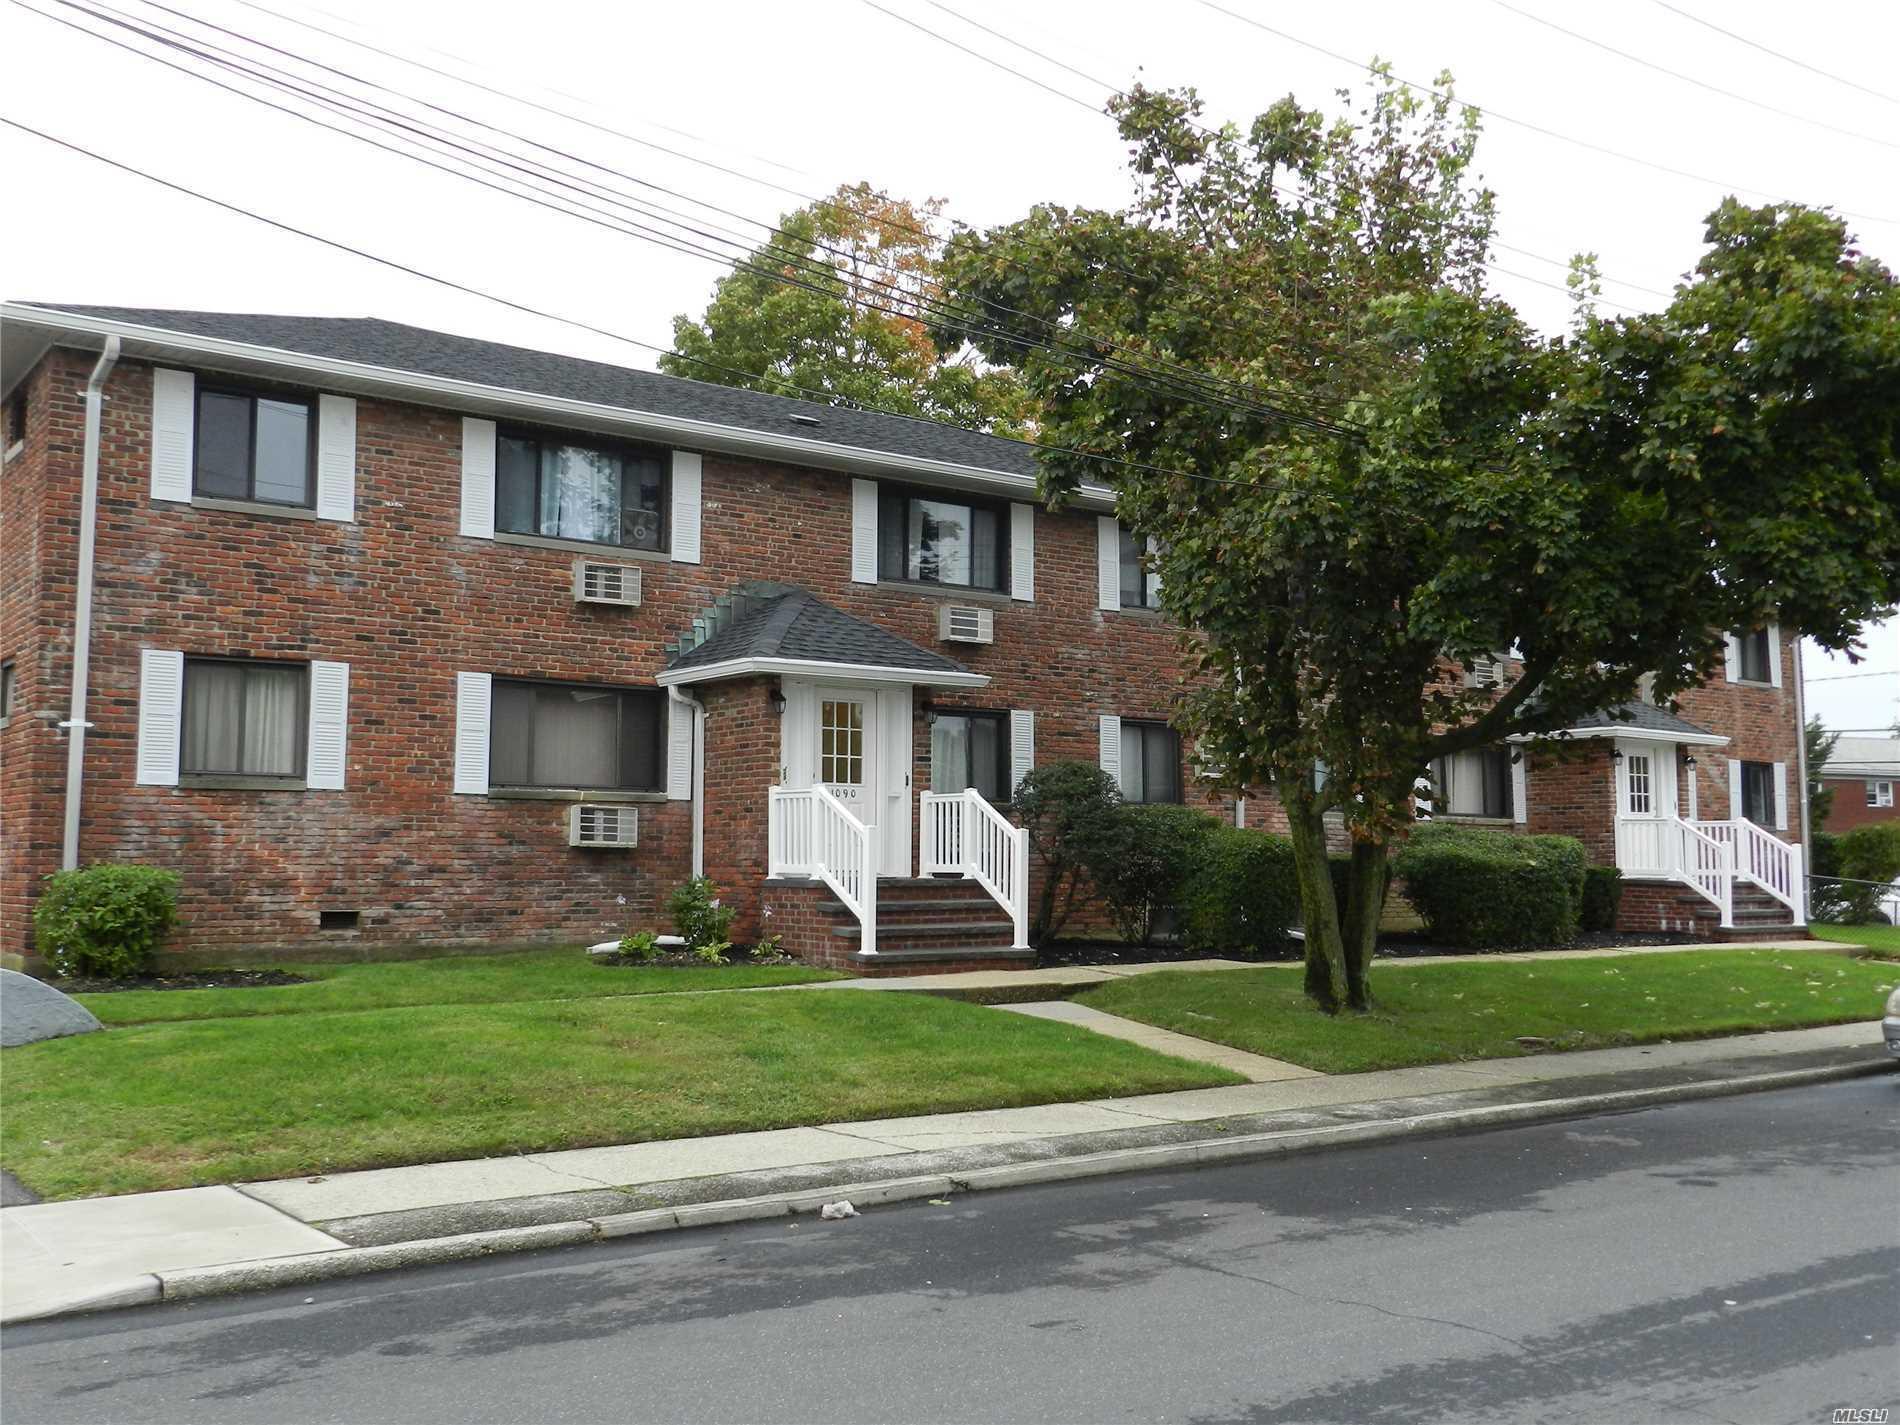 1090 N Alleghany Ave - Lindenhurst, New York